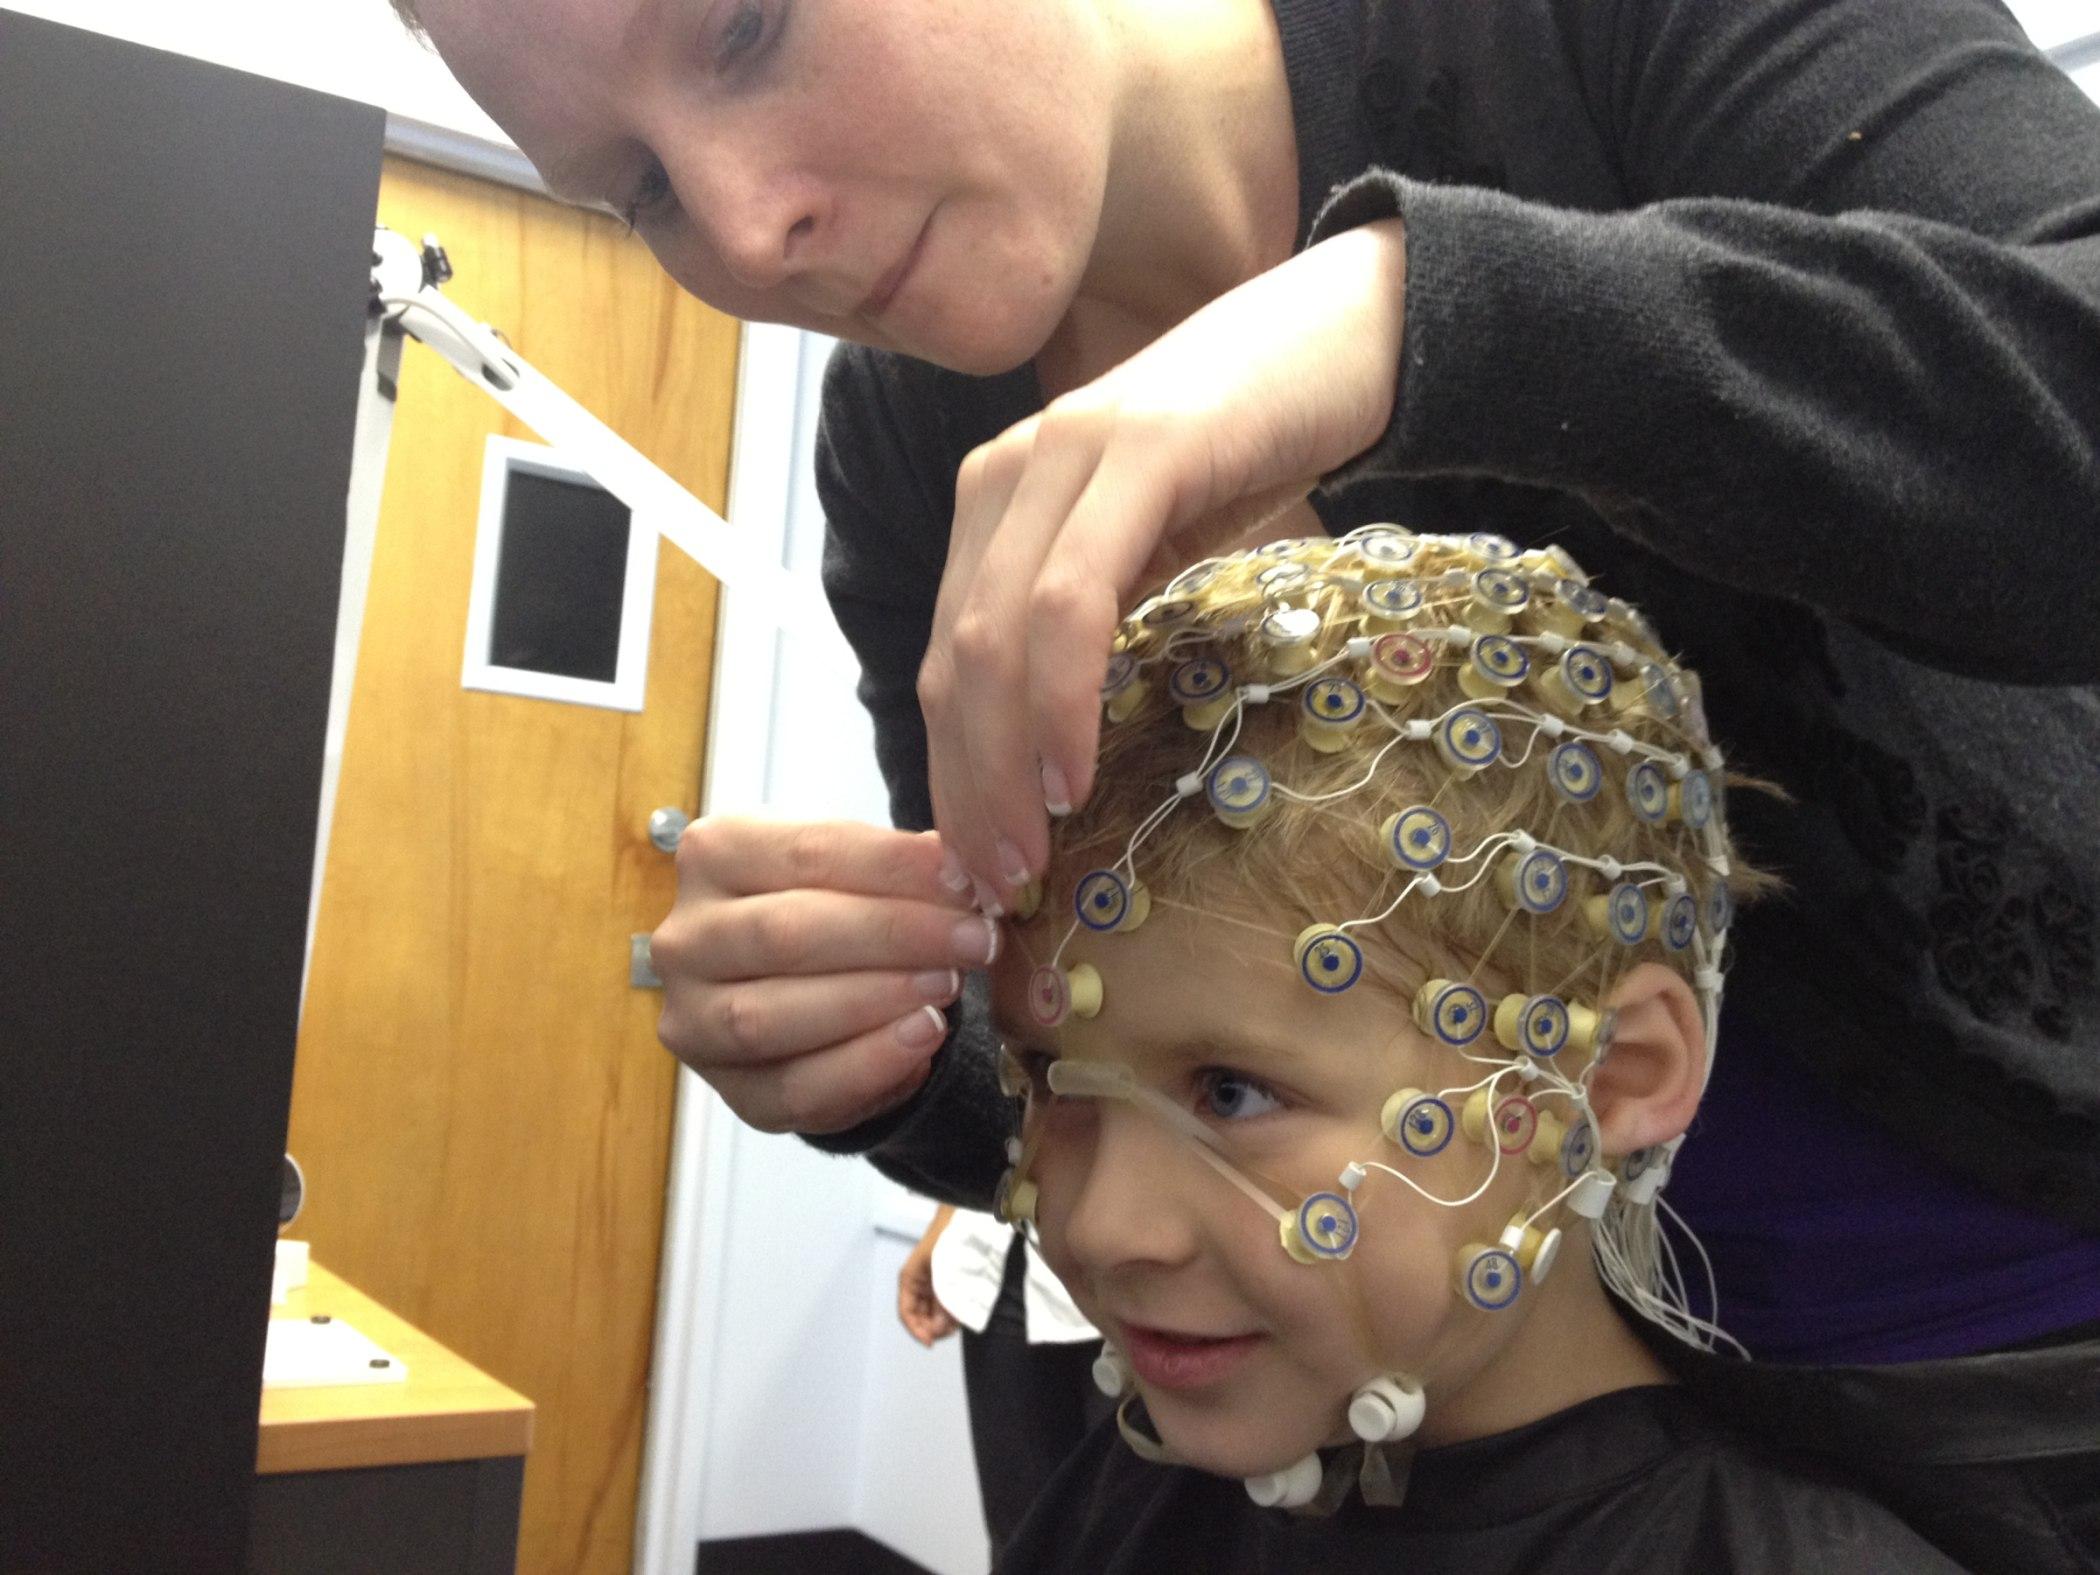 EEG net